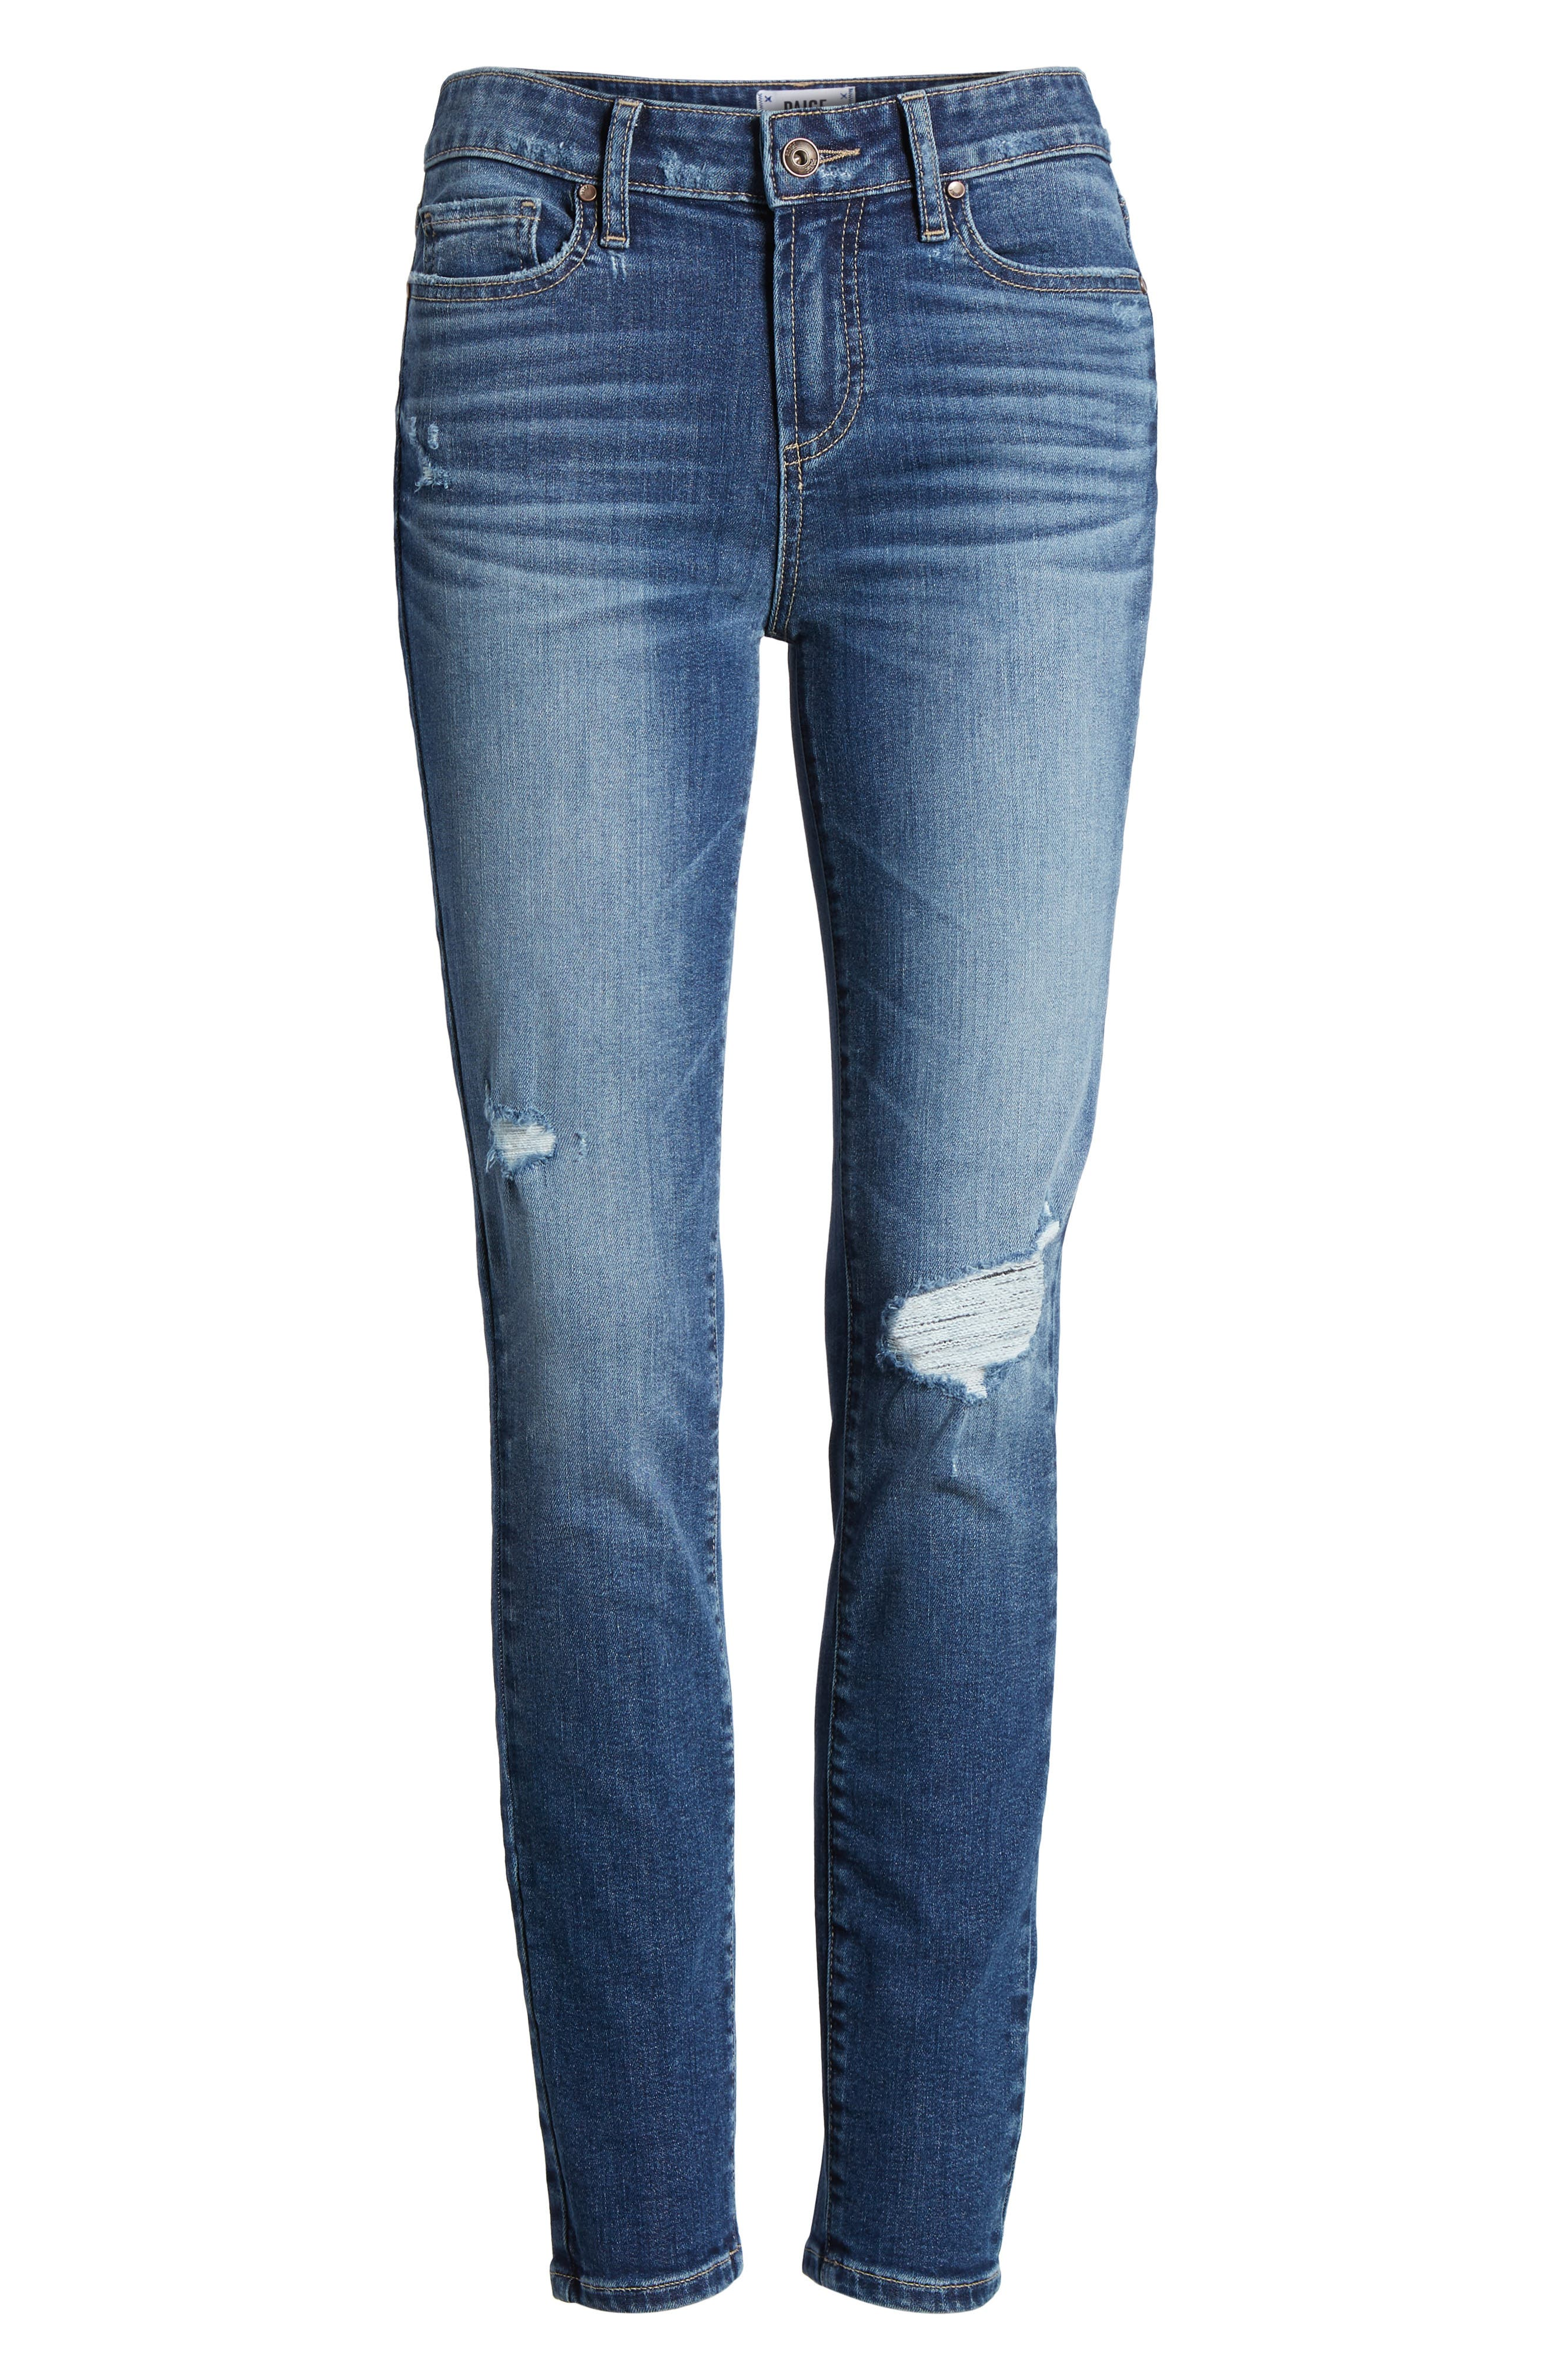 Transcend Vintage - Verdugo Ankle Skinny Jeans,                             Alternate thumbnail 7, color,                             Pico Destructed